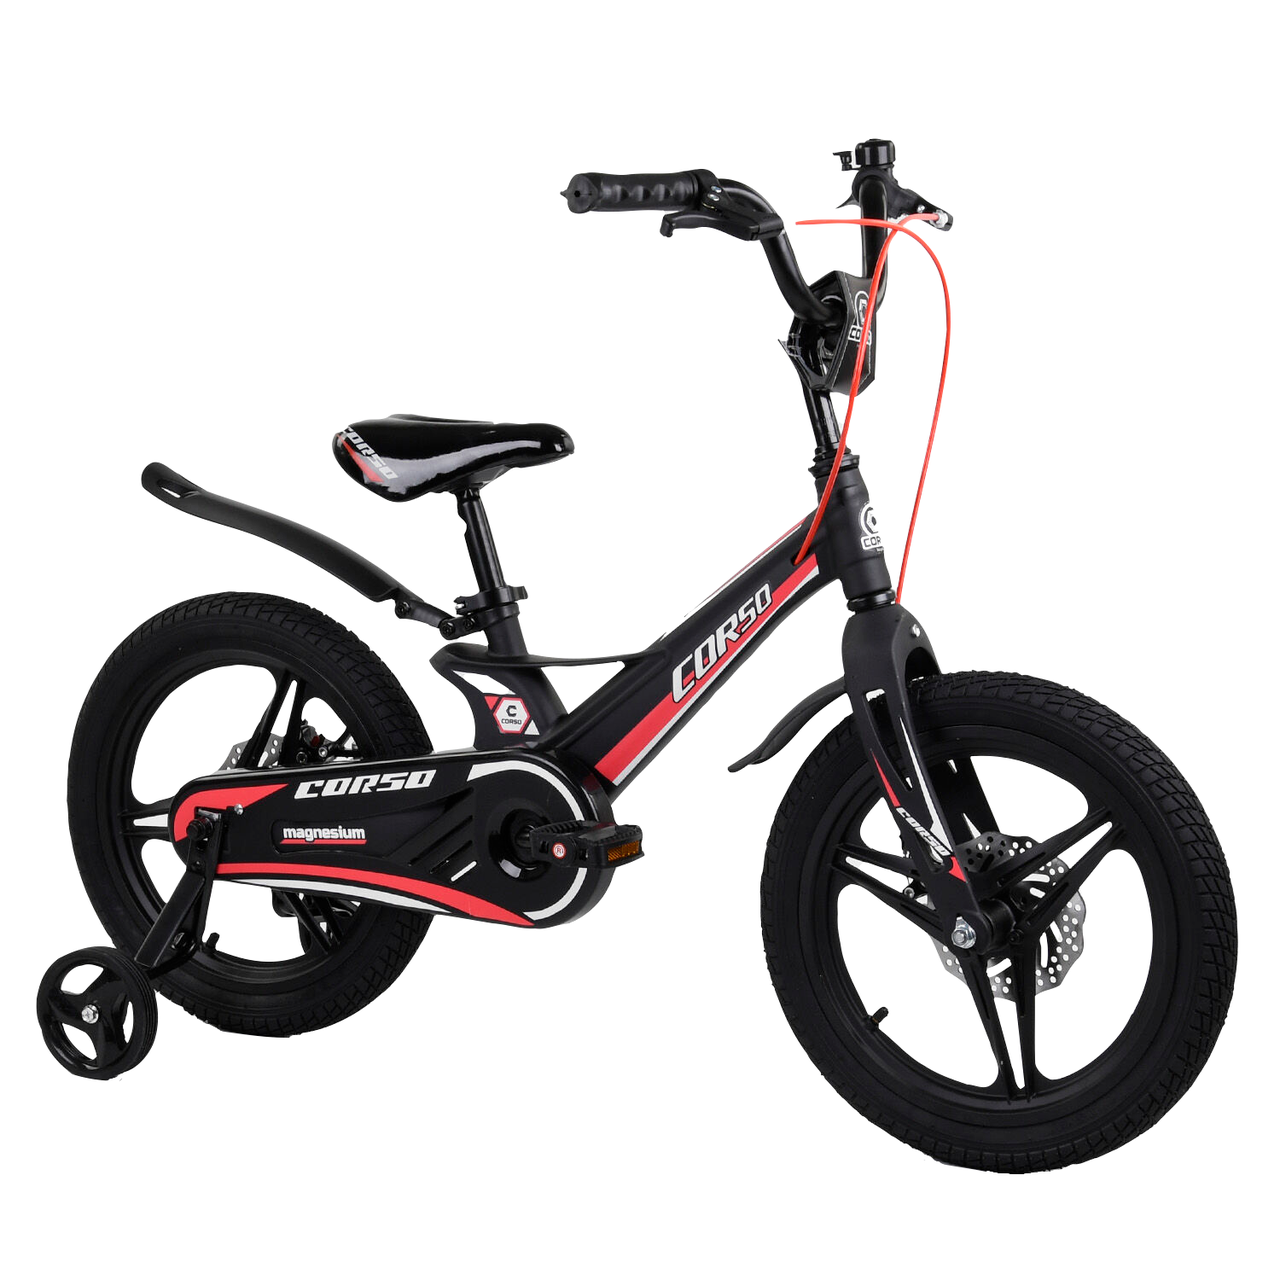 Велосипед двухколесный детский для мальчика Corso Magnesium 16 дюймов с дополнительными колесами Черный